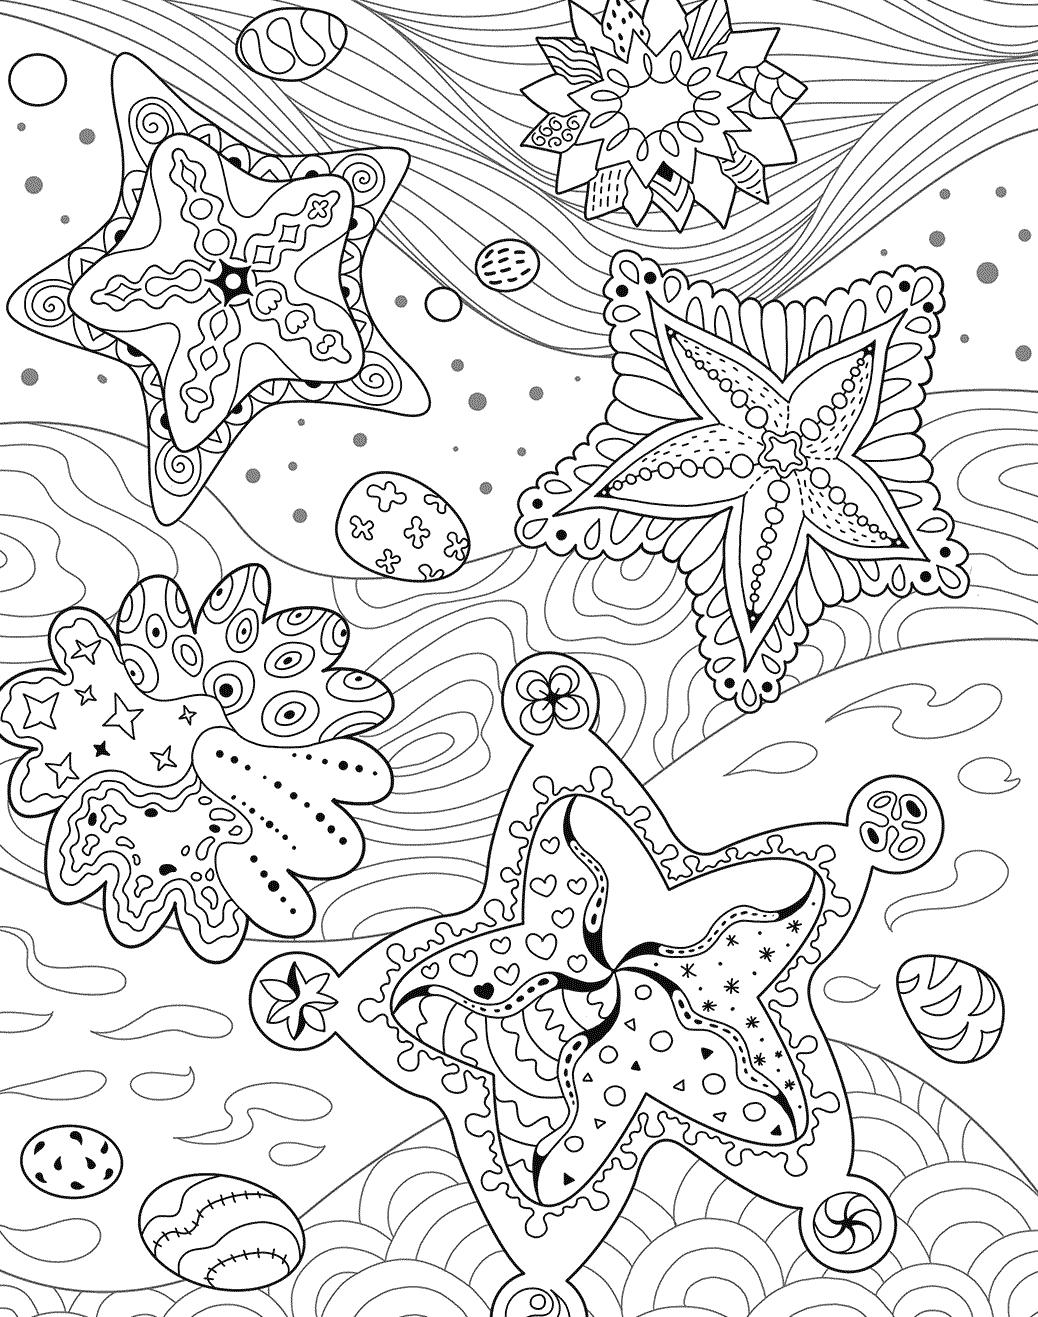 Stelle Marine Da Colorare.11 Disegni Stella Marina Da Colorare Per Bambini